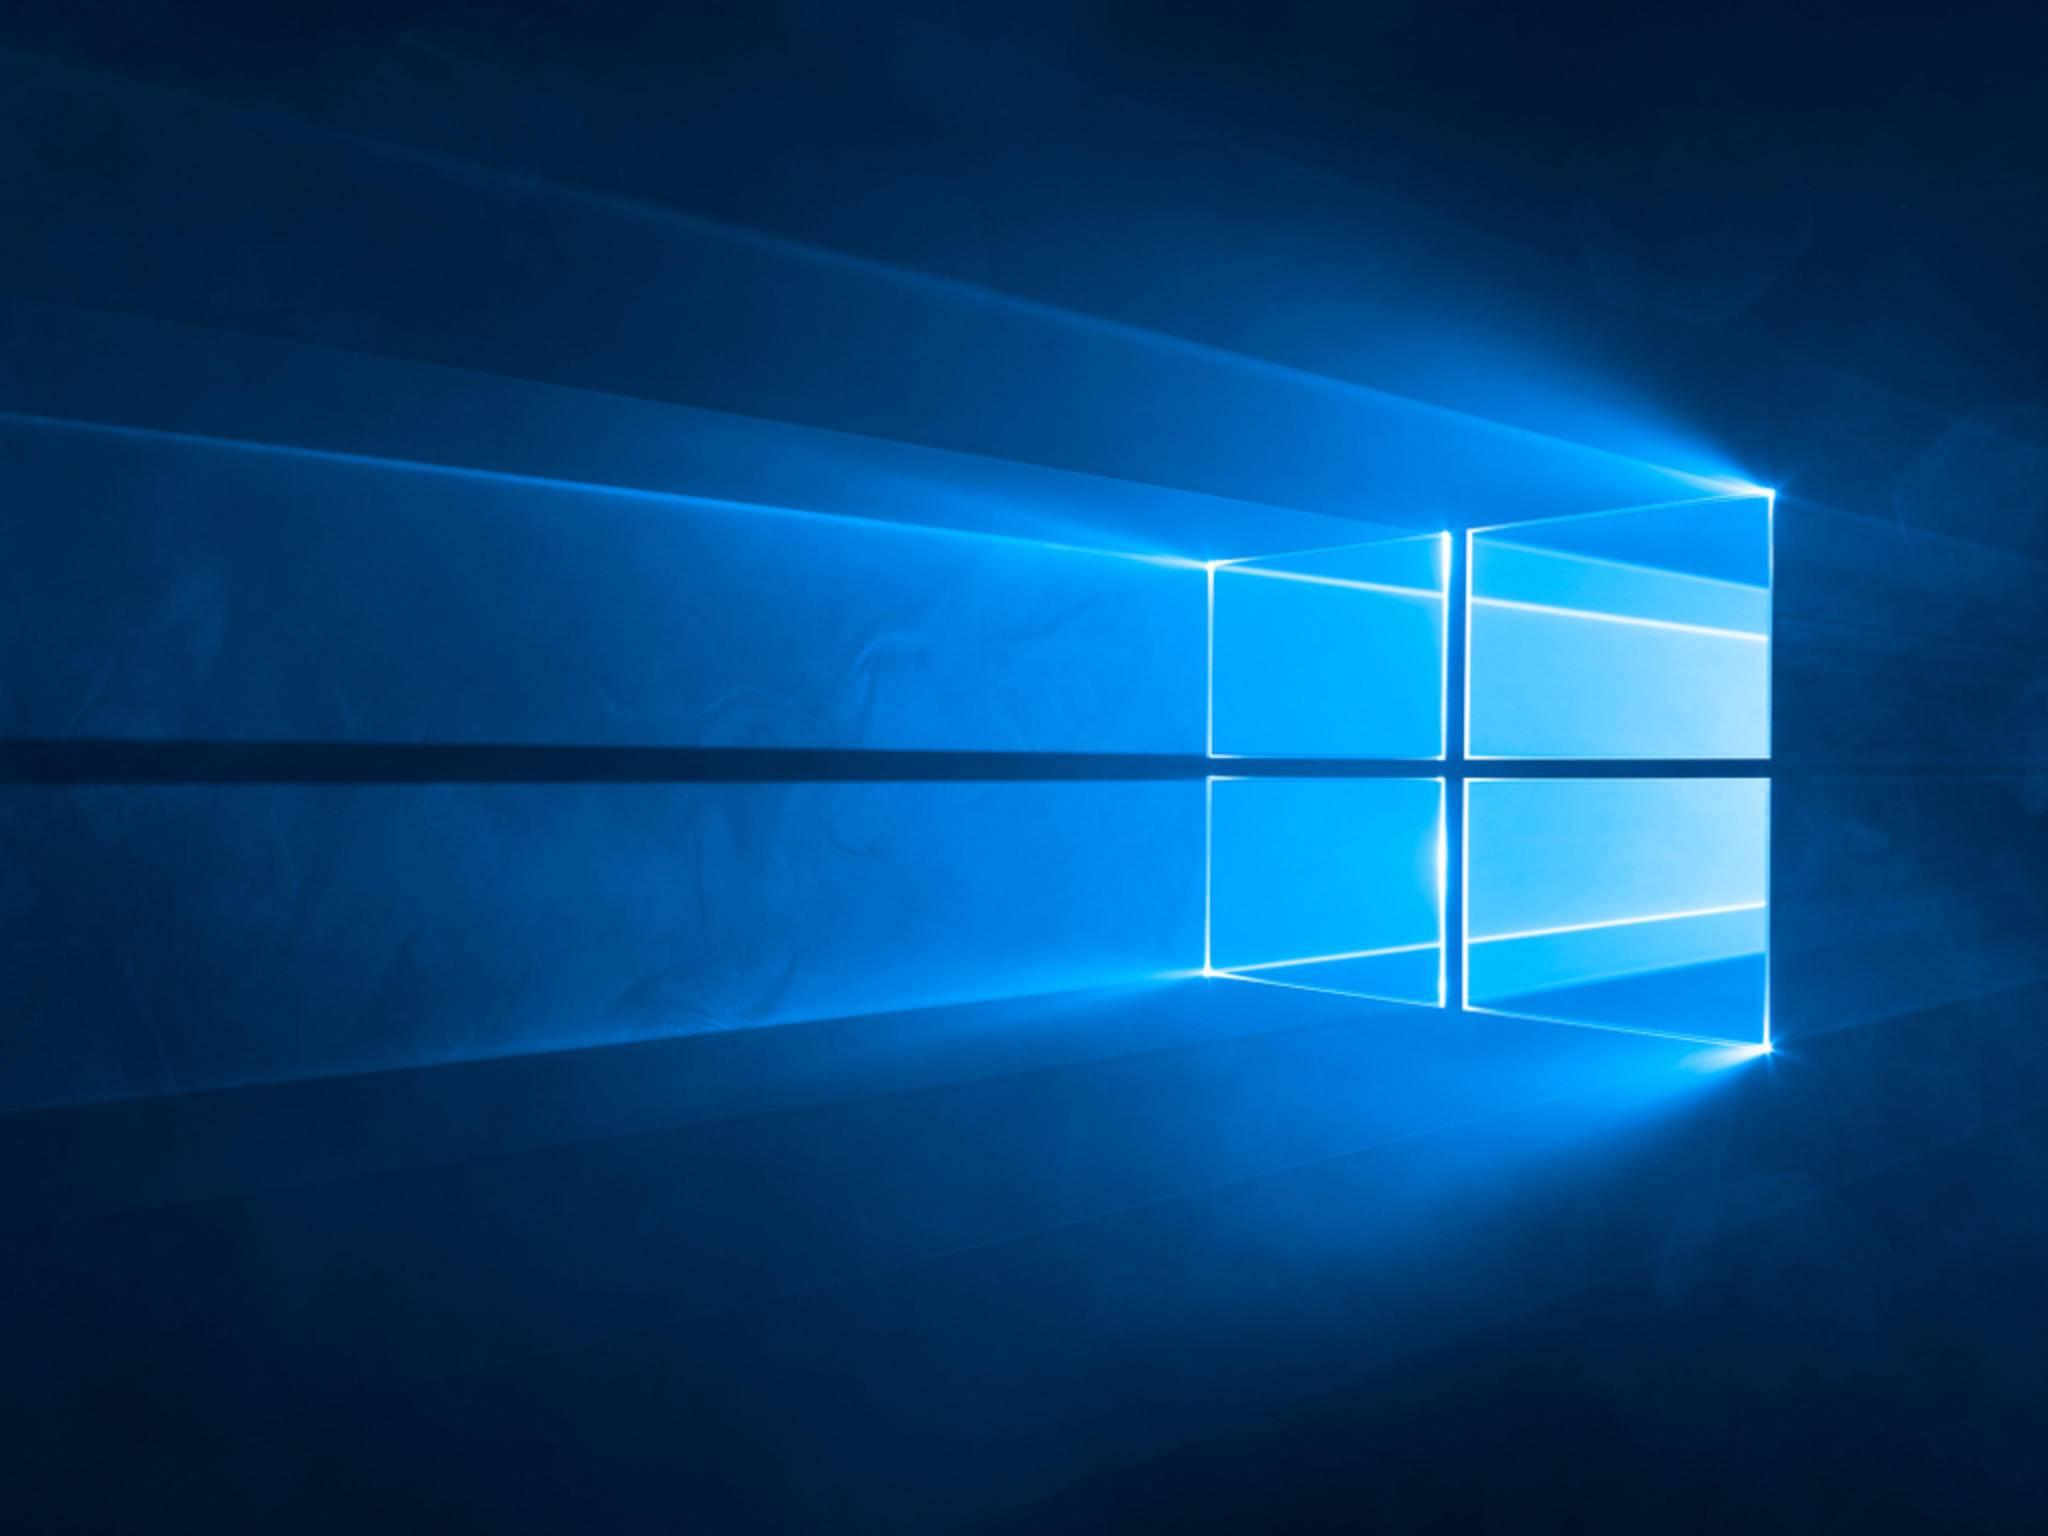 Von Windows 7 Auf Windows 10 Upgraden